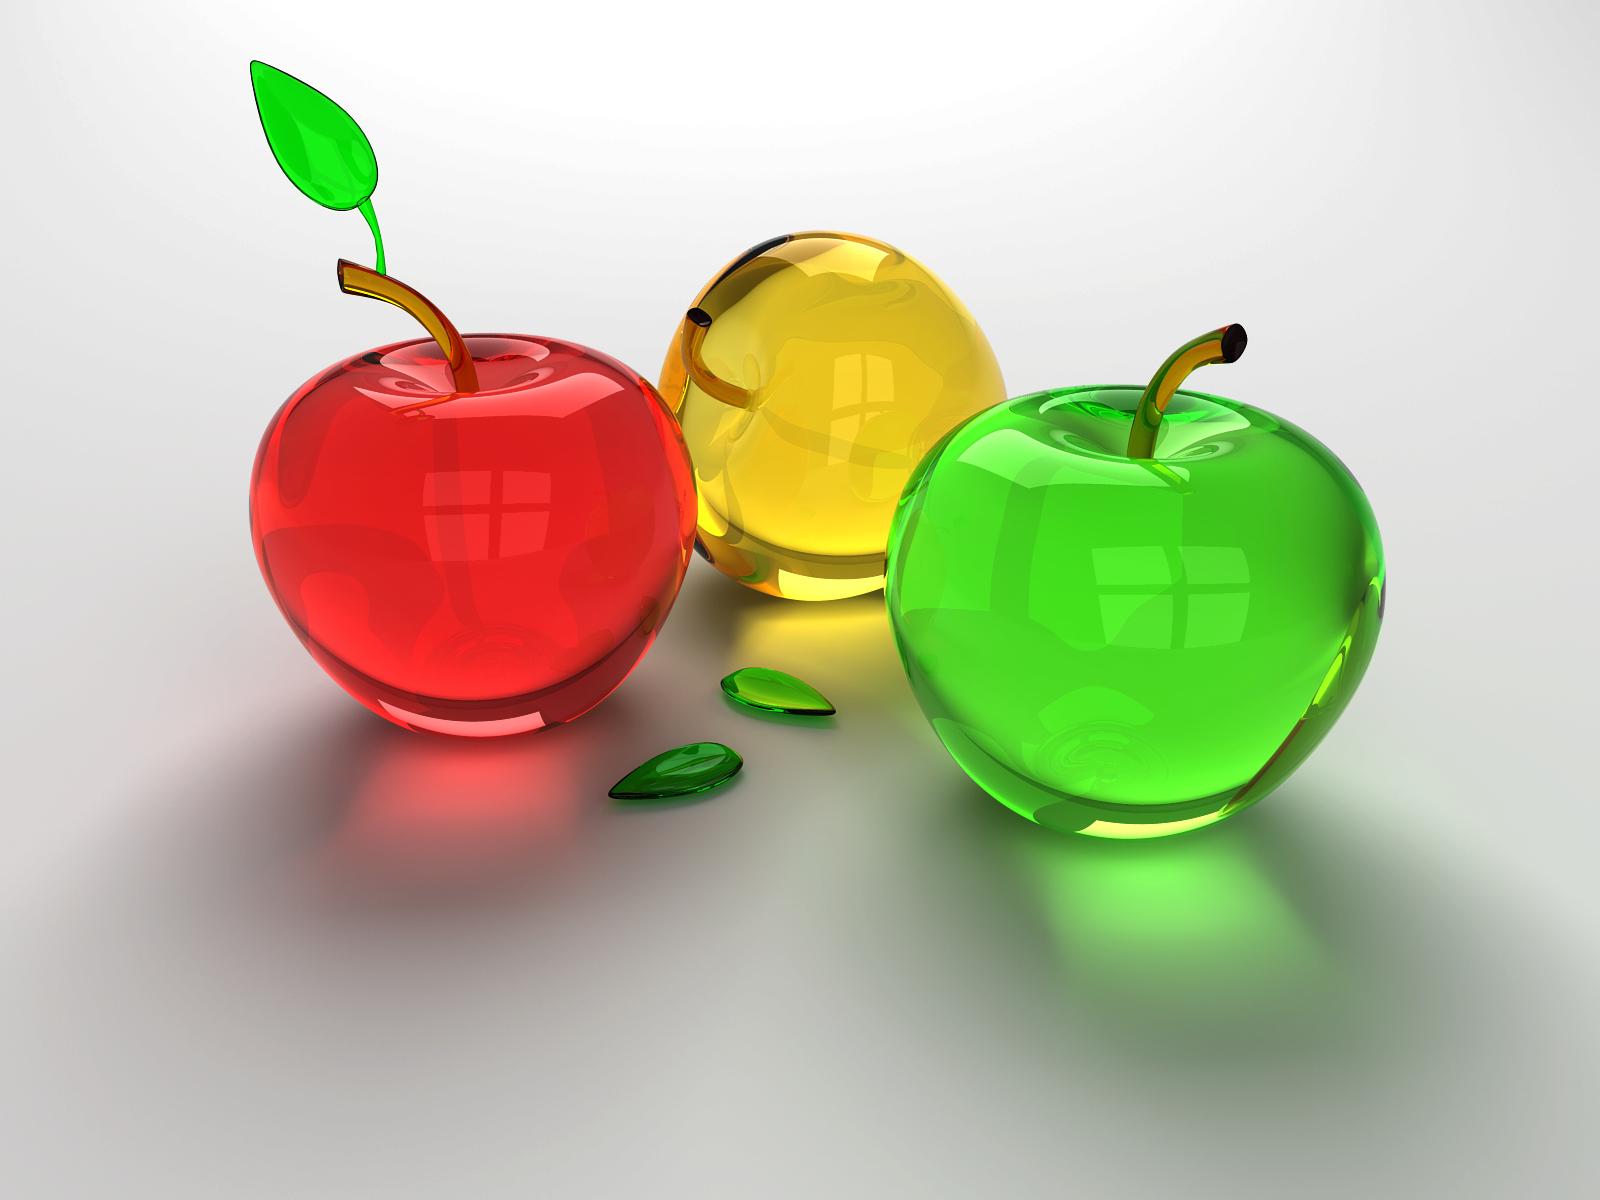 яблоки часы рисунок загрузить